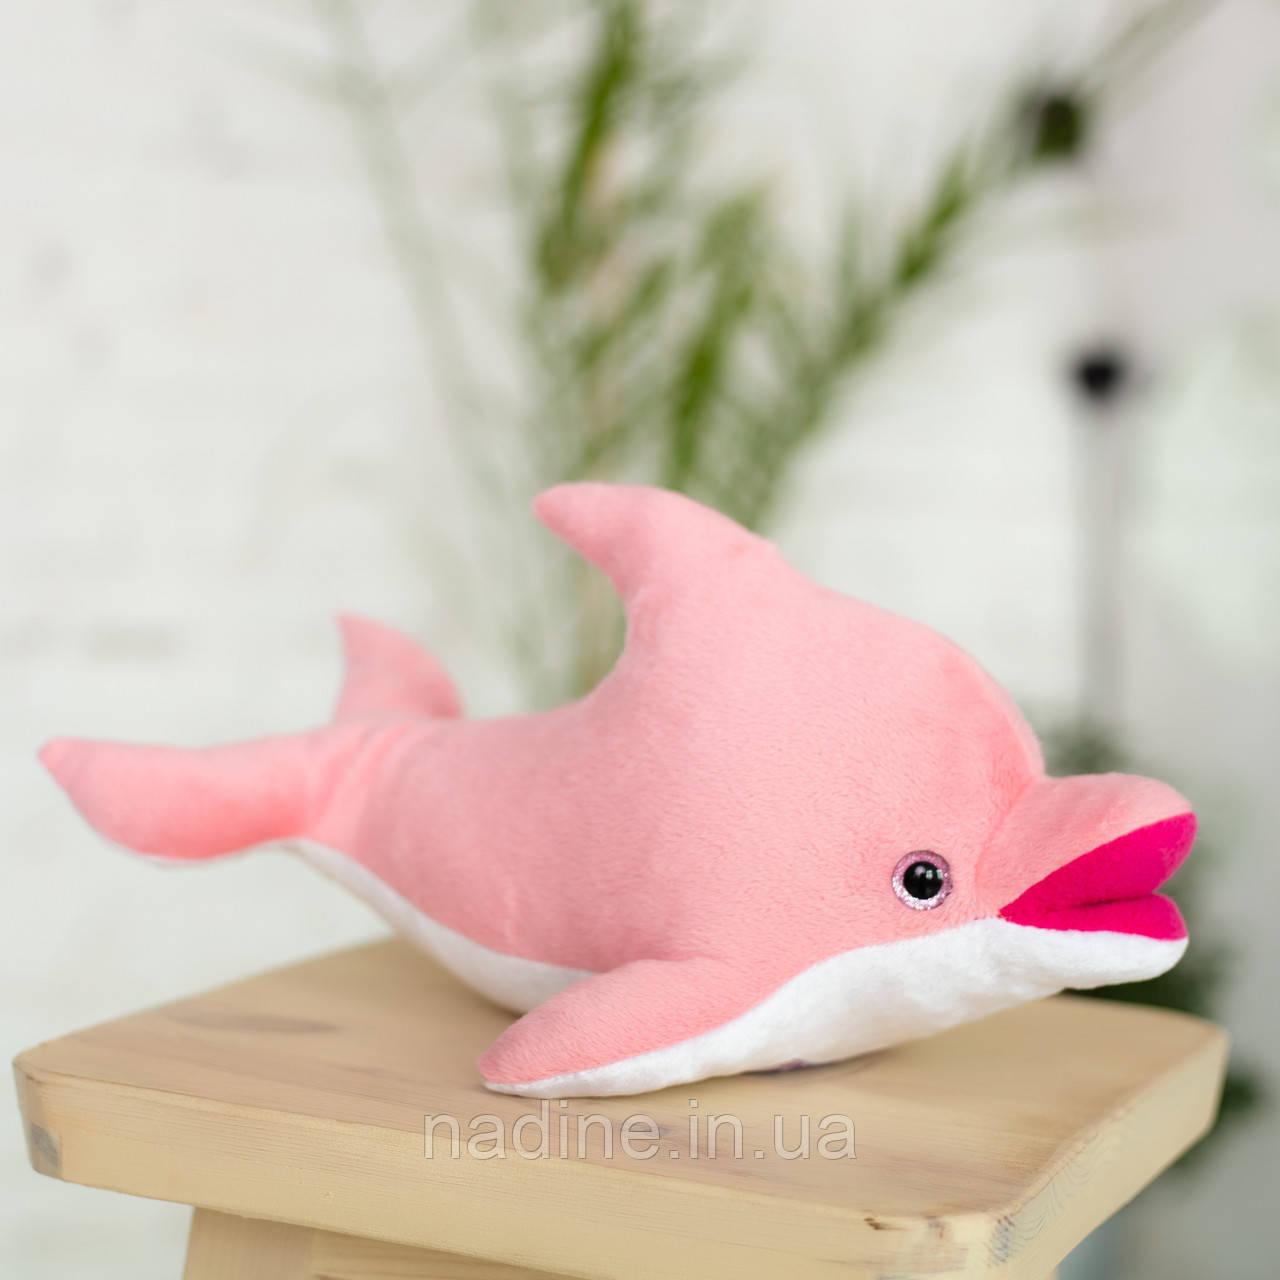 Дельфін іграшка Eirena Nadine (312-R-30) плюшевий 30 см рожевий